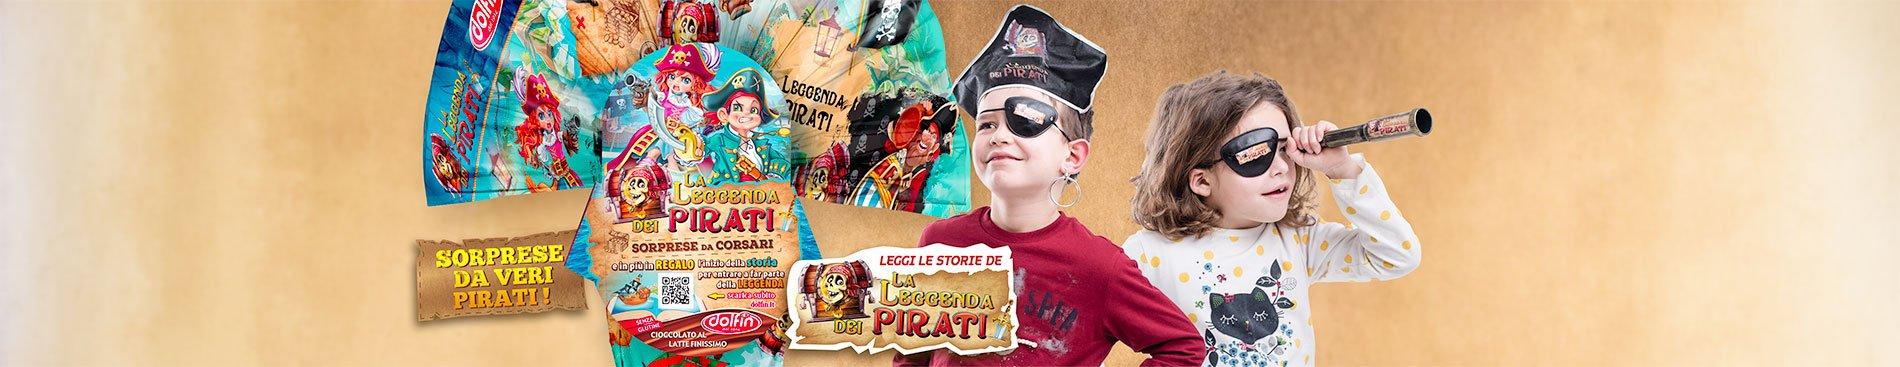 2018-Pirati